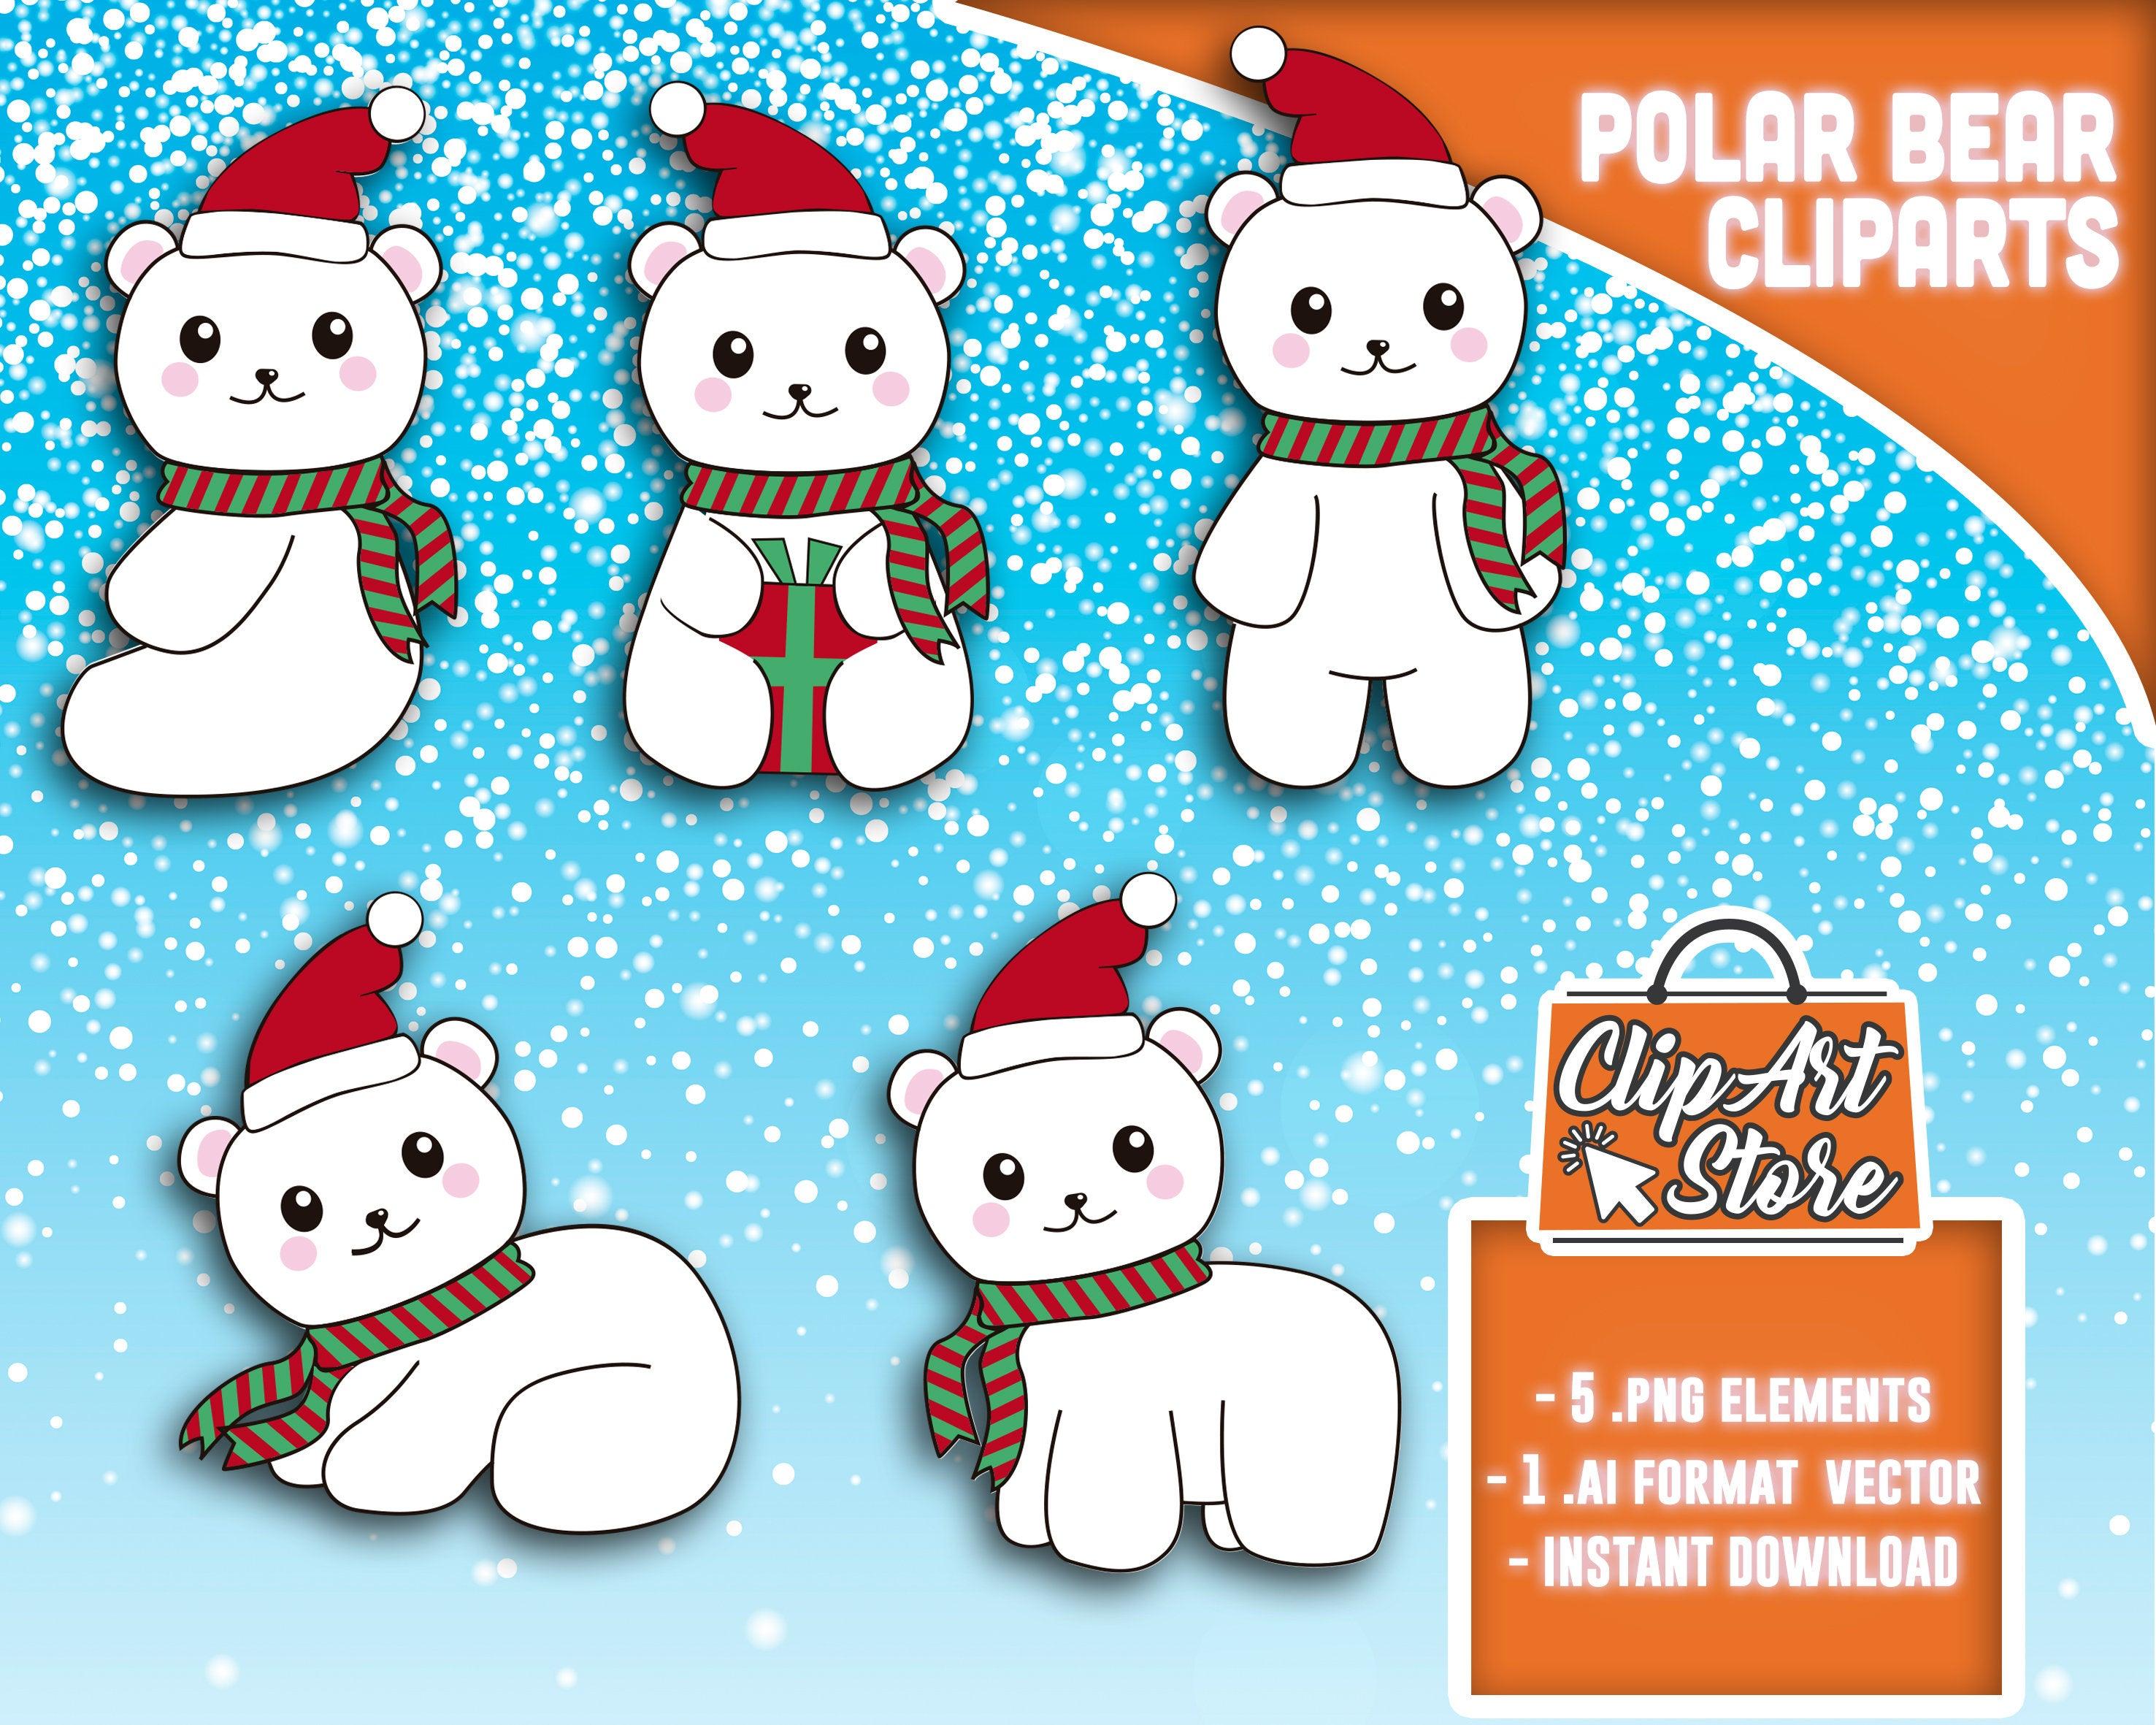 Polar Bear Clipart, Winter bear clipart, Cute baby bears, Baby polar bear,  Christmas bear,Commercial Use, INSTANT DOWNLOAD.